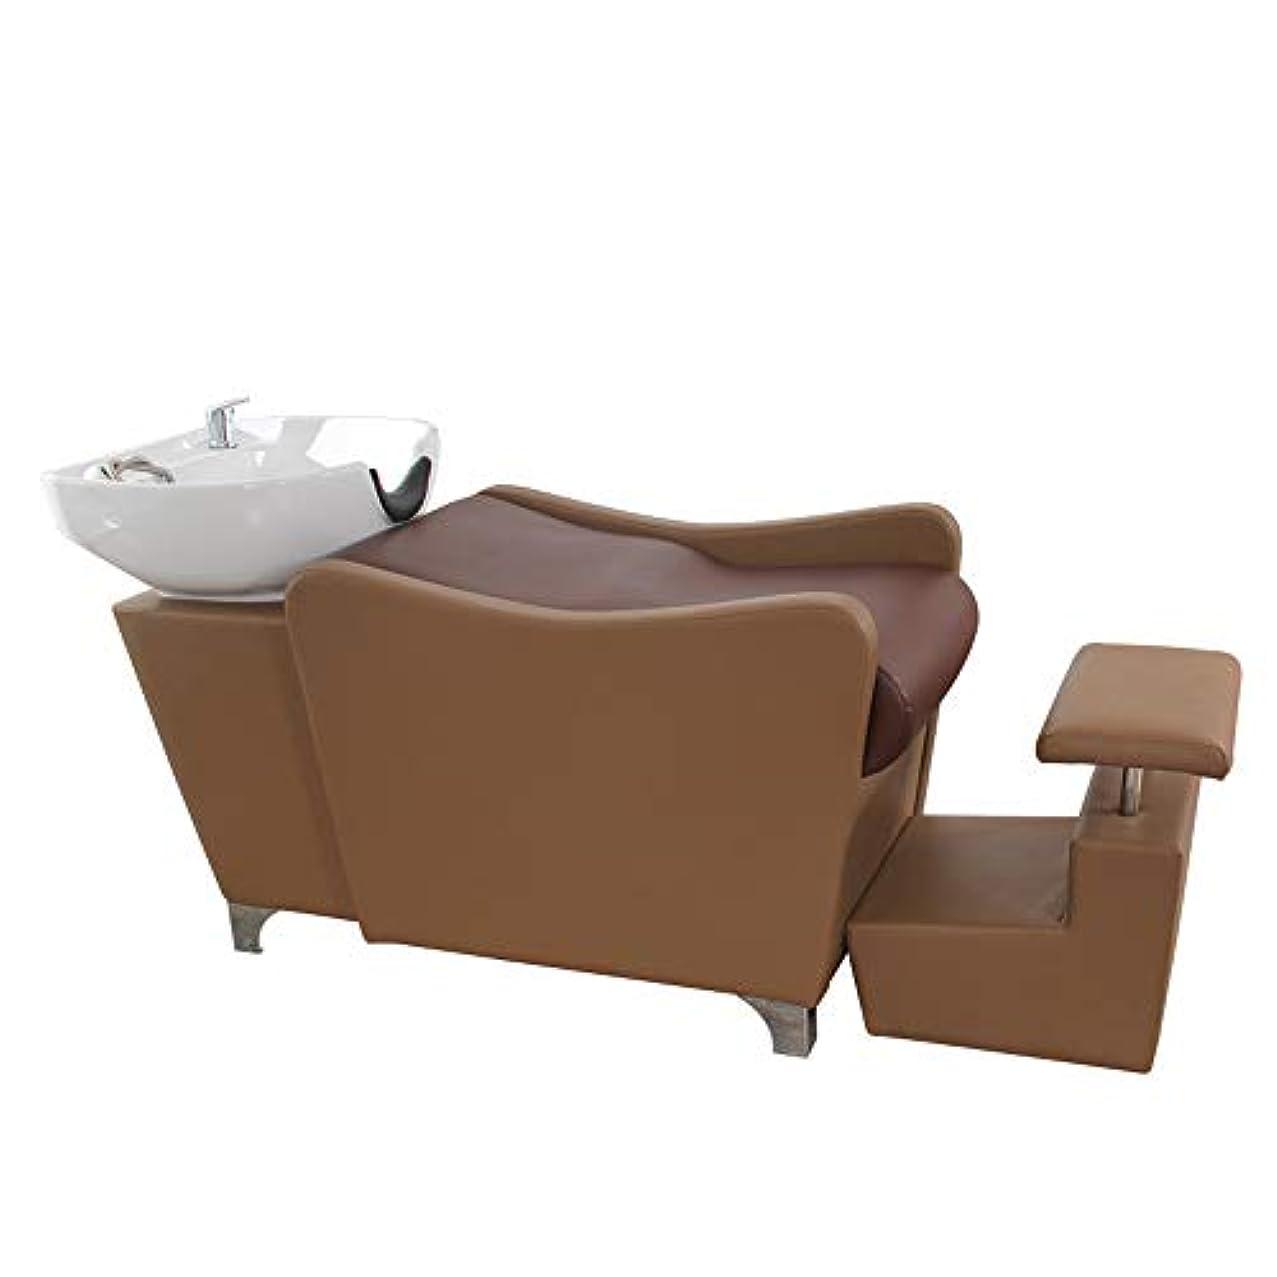 塊カビ教養があるシャンプーチェア、理髪店の逆洗ユニットシャンプーボウル理髪シンクの椅子用スパ美容院機器(ブラウン)